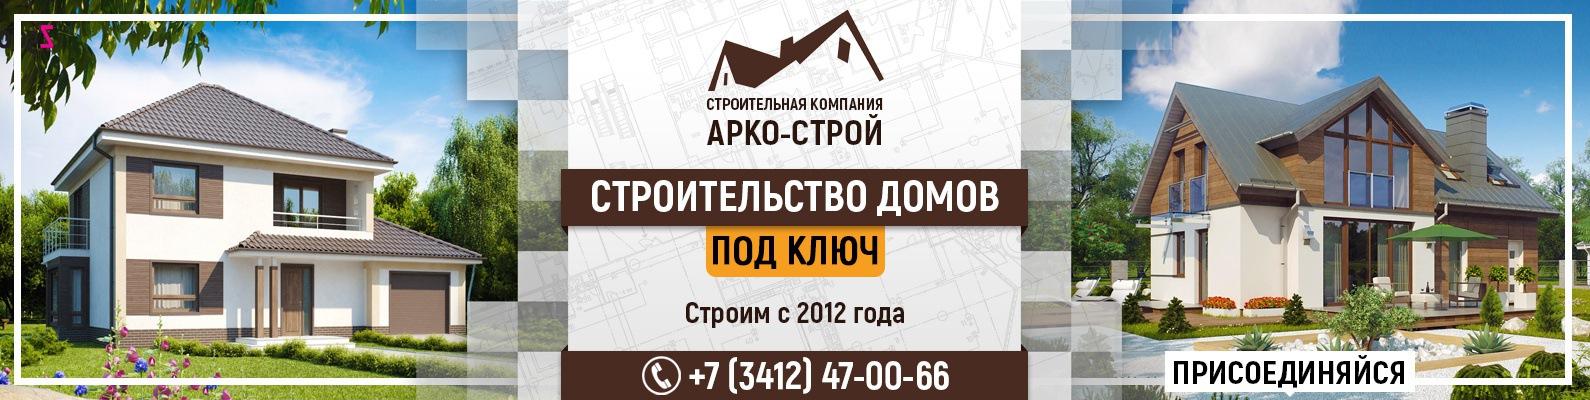 Ижевск строй регион строительная компания долгопрудненская строительная компания пик